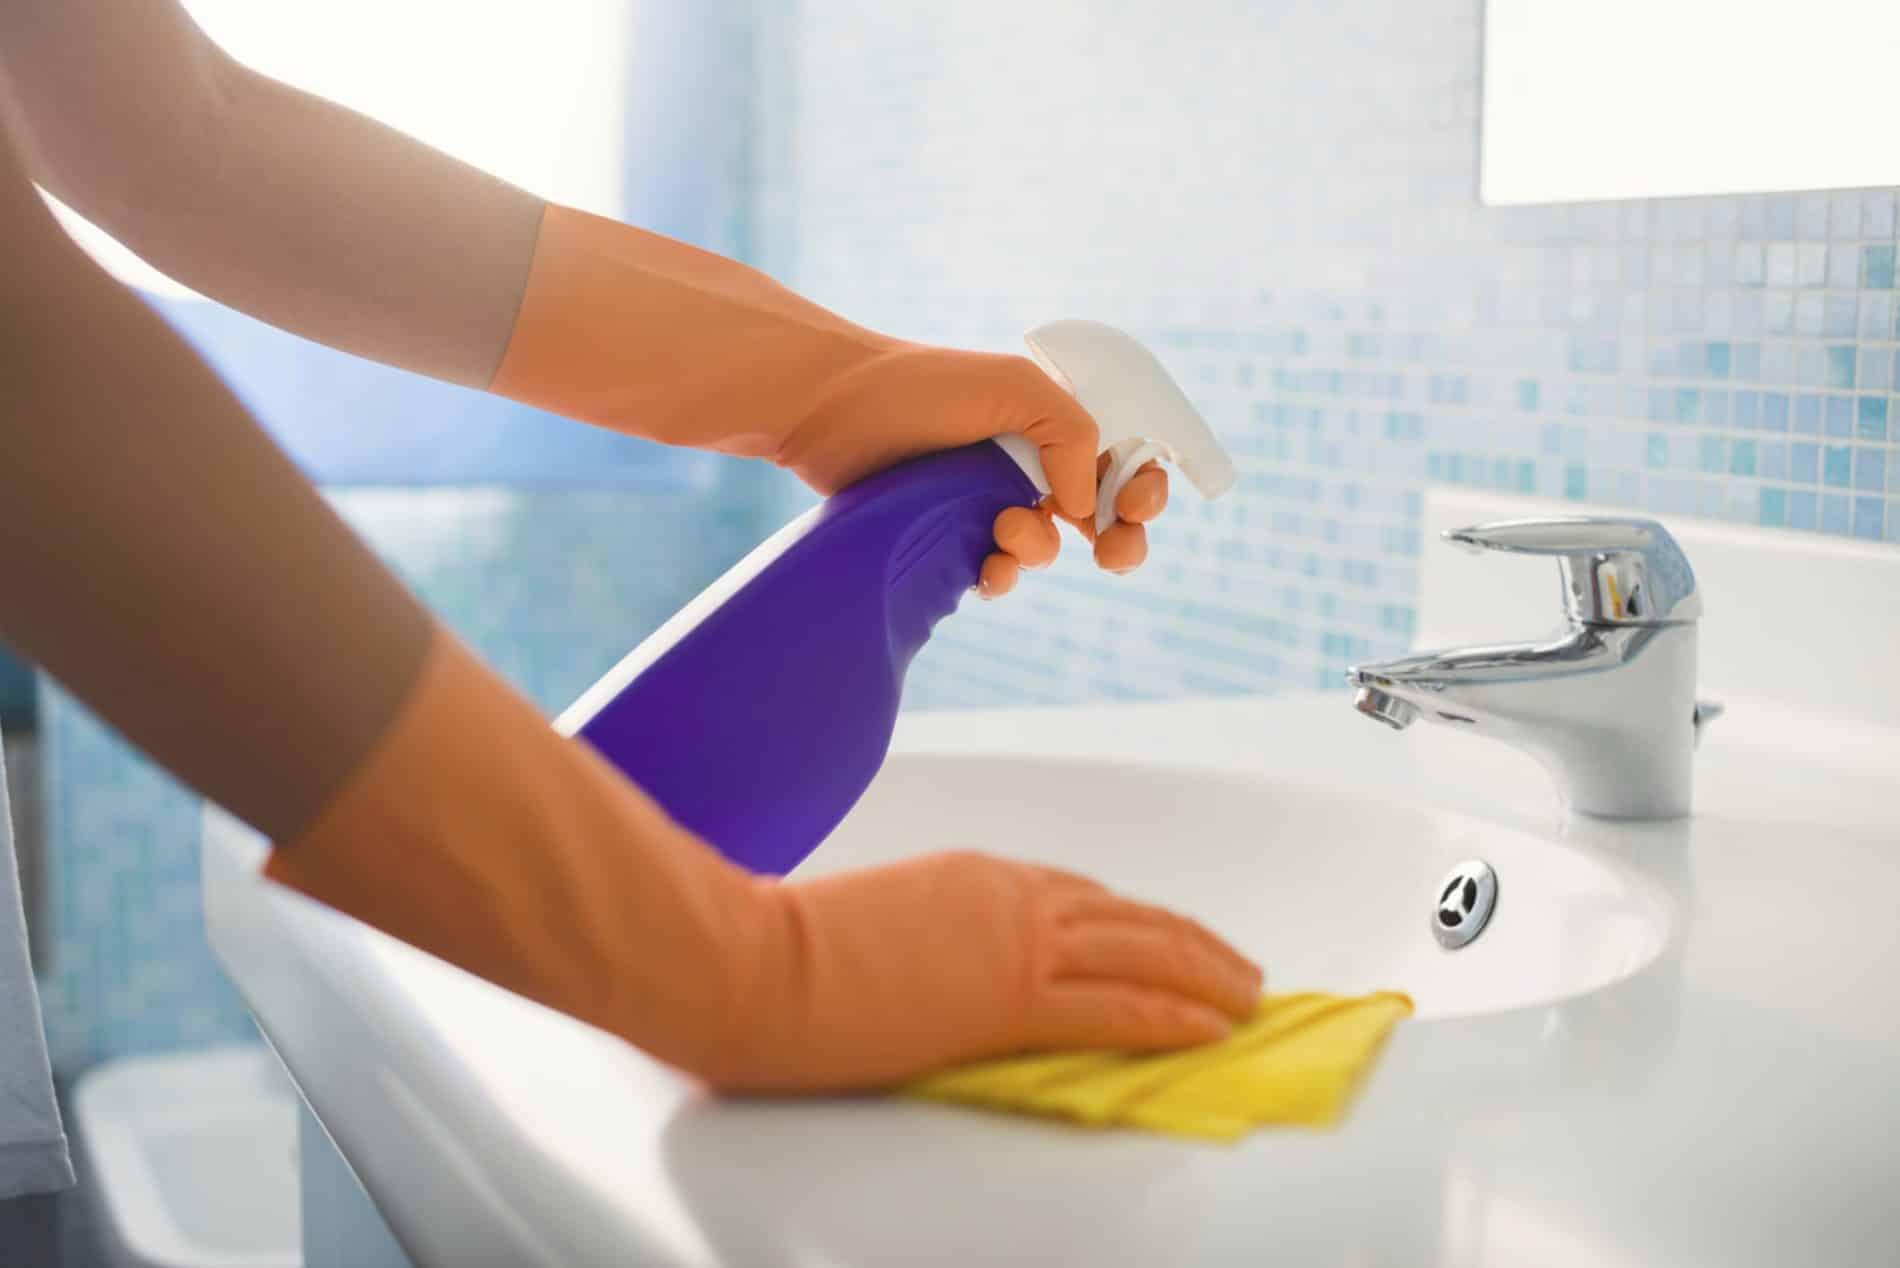 Come Tenere Pulita La Casa come pulire casa ai tempi del coronavirus